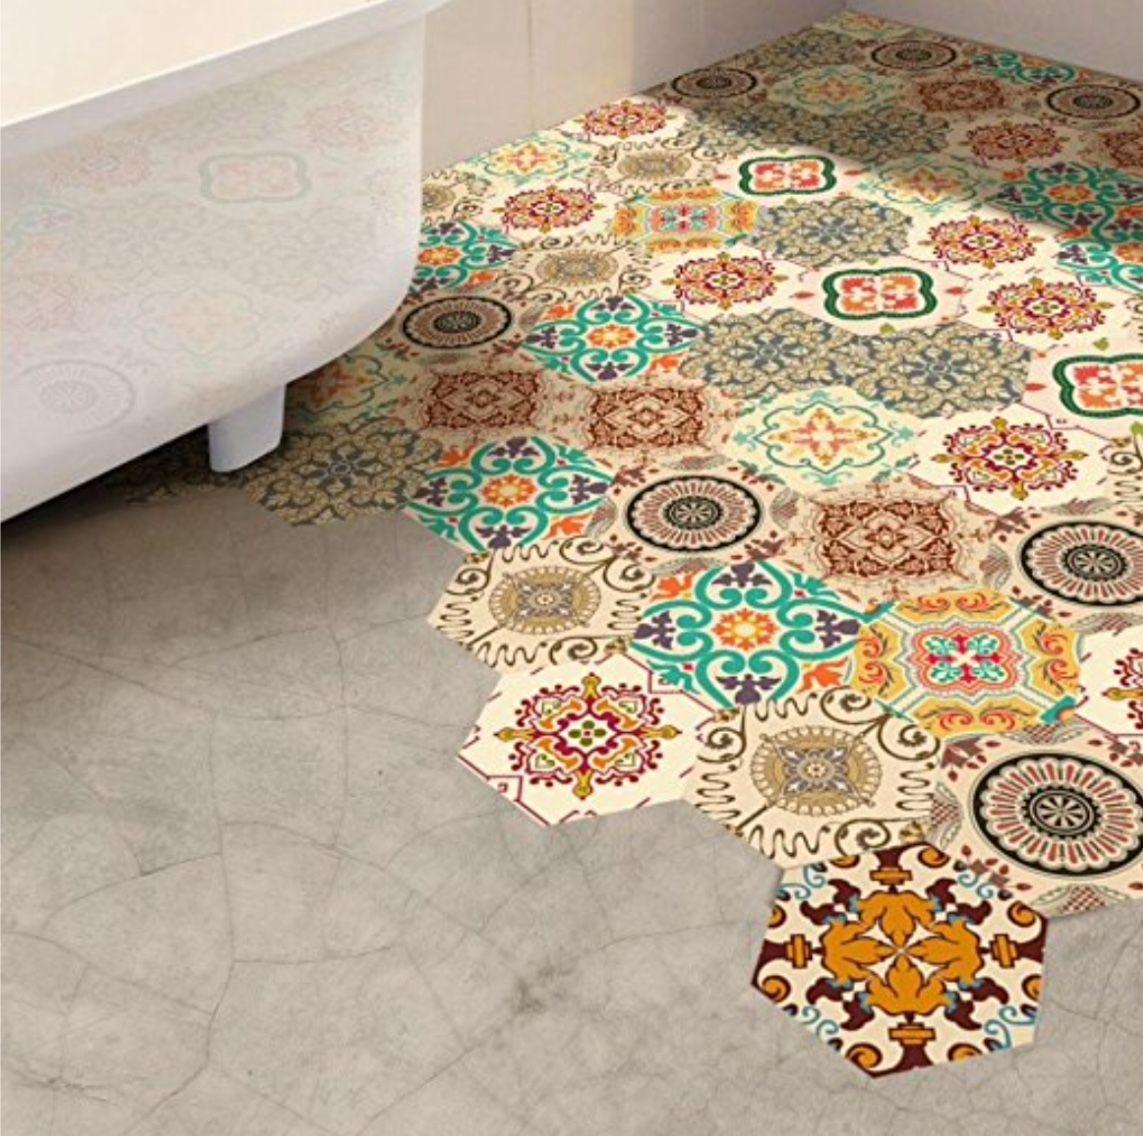 vinyl floor stickers hexagonal peel